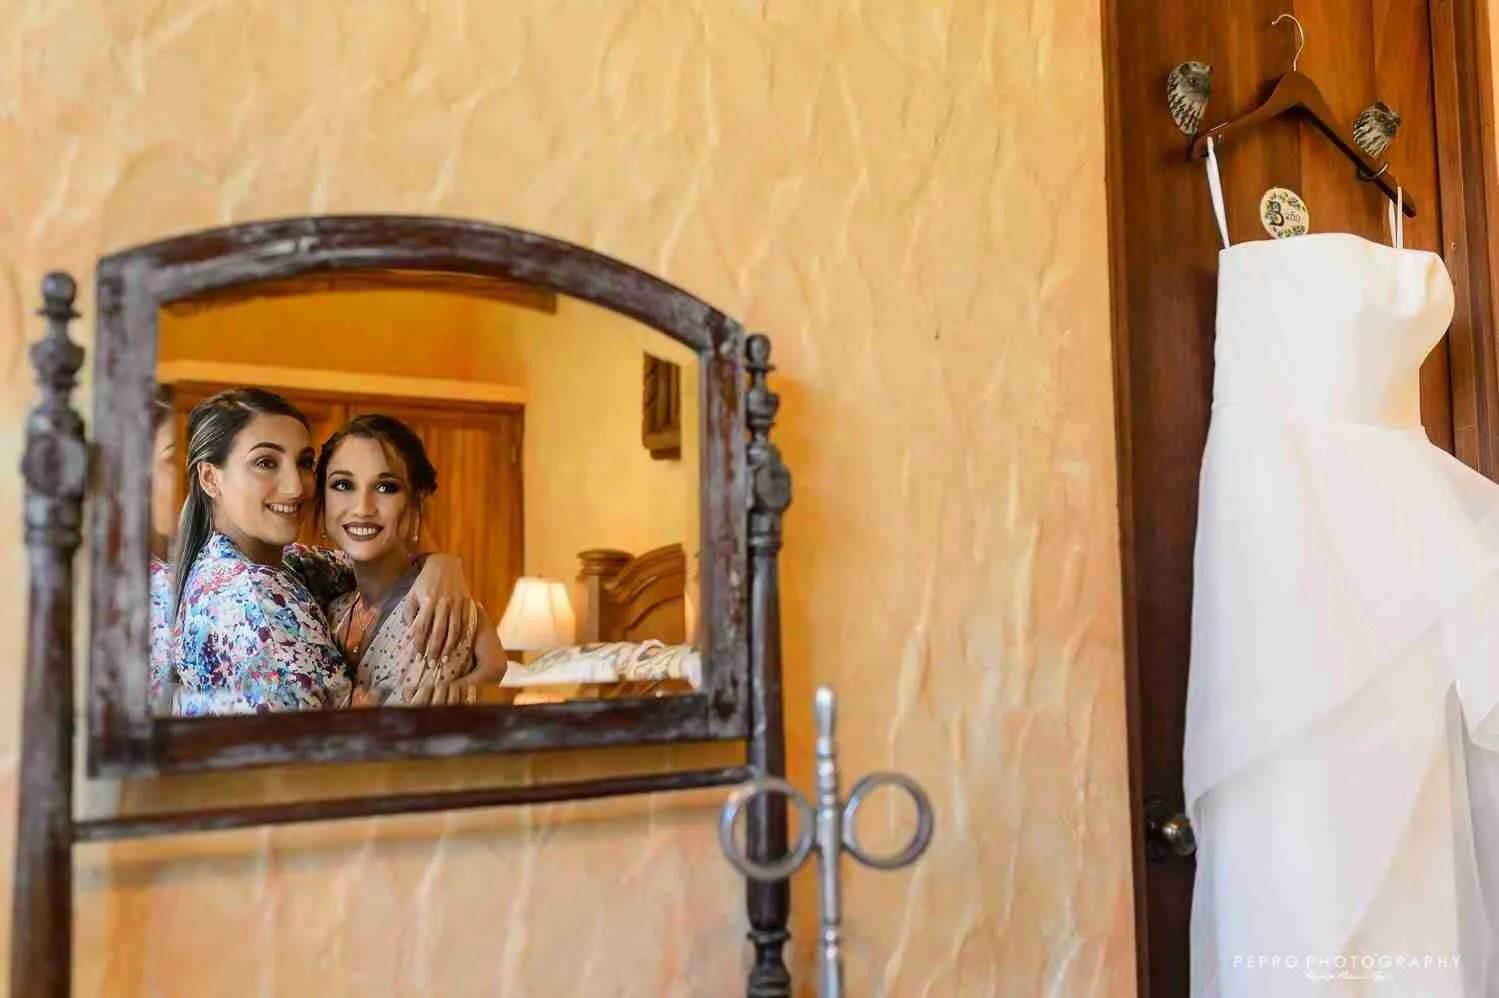 Boda en el Valle de Antón Panamá-Hermanas disfrutando su momento antes de la ceremonia